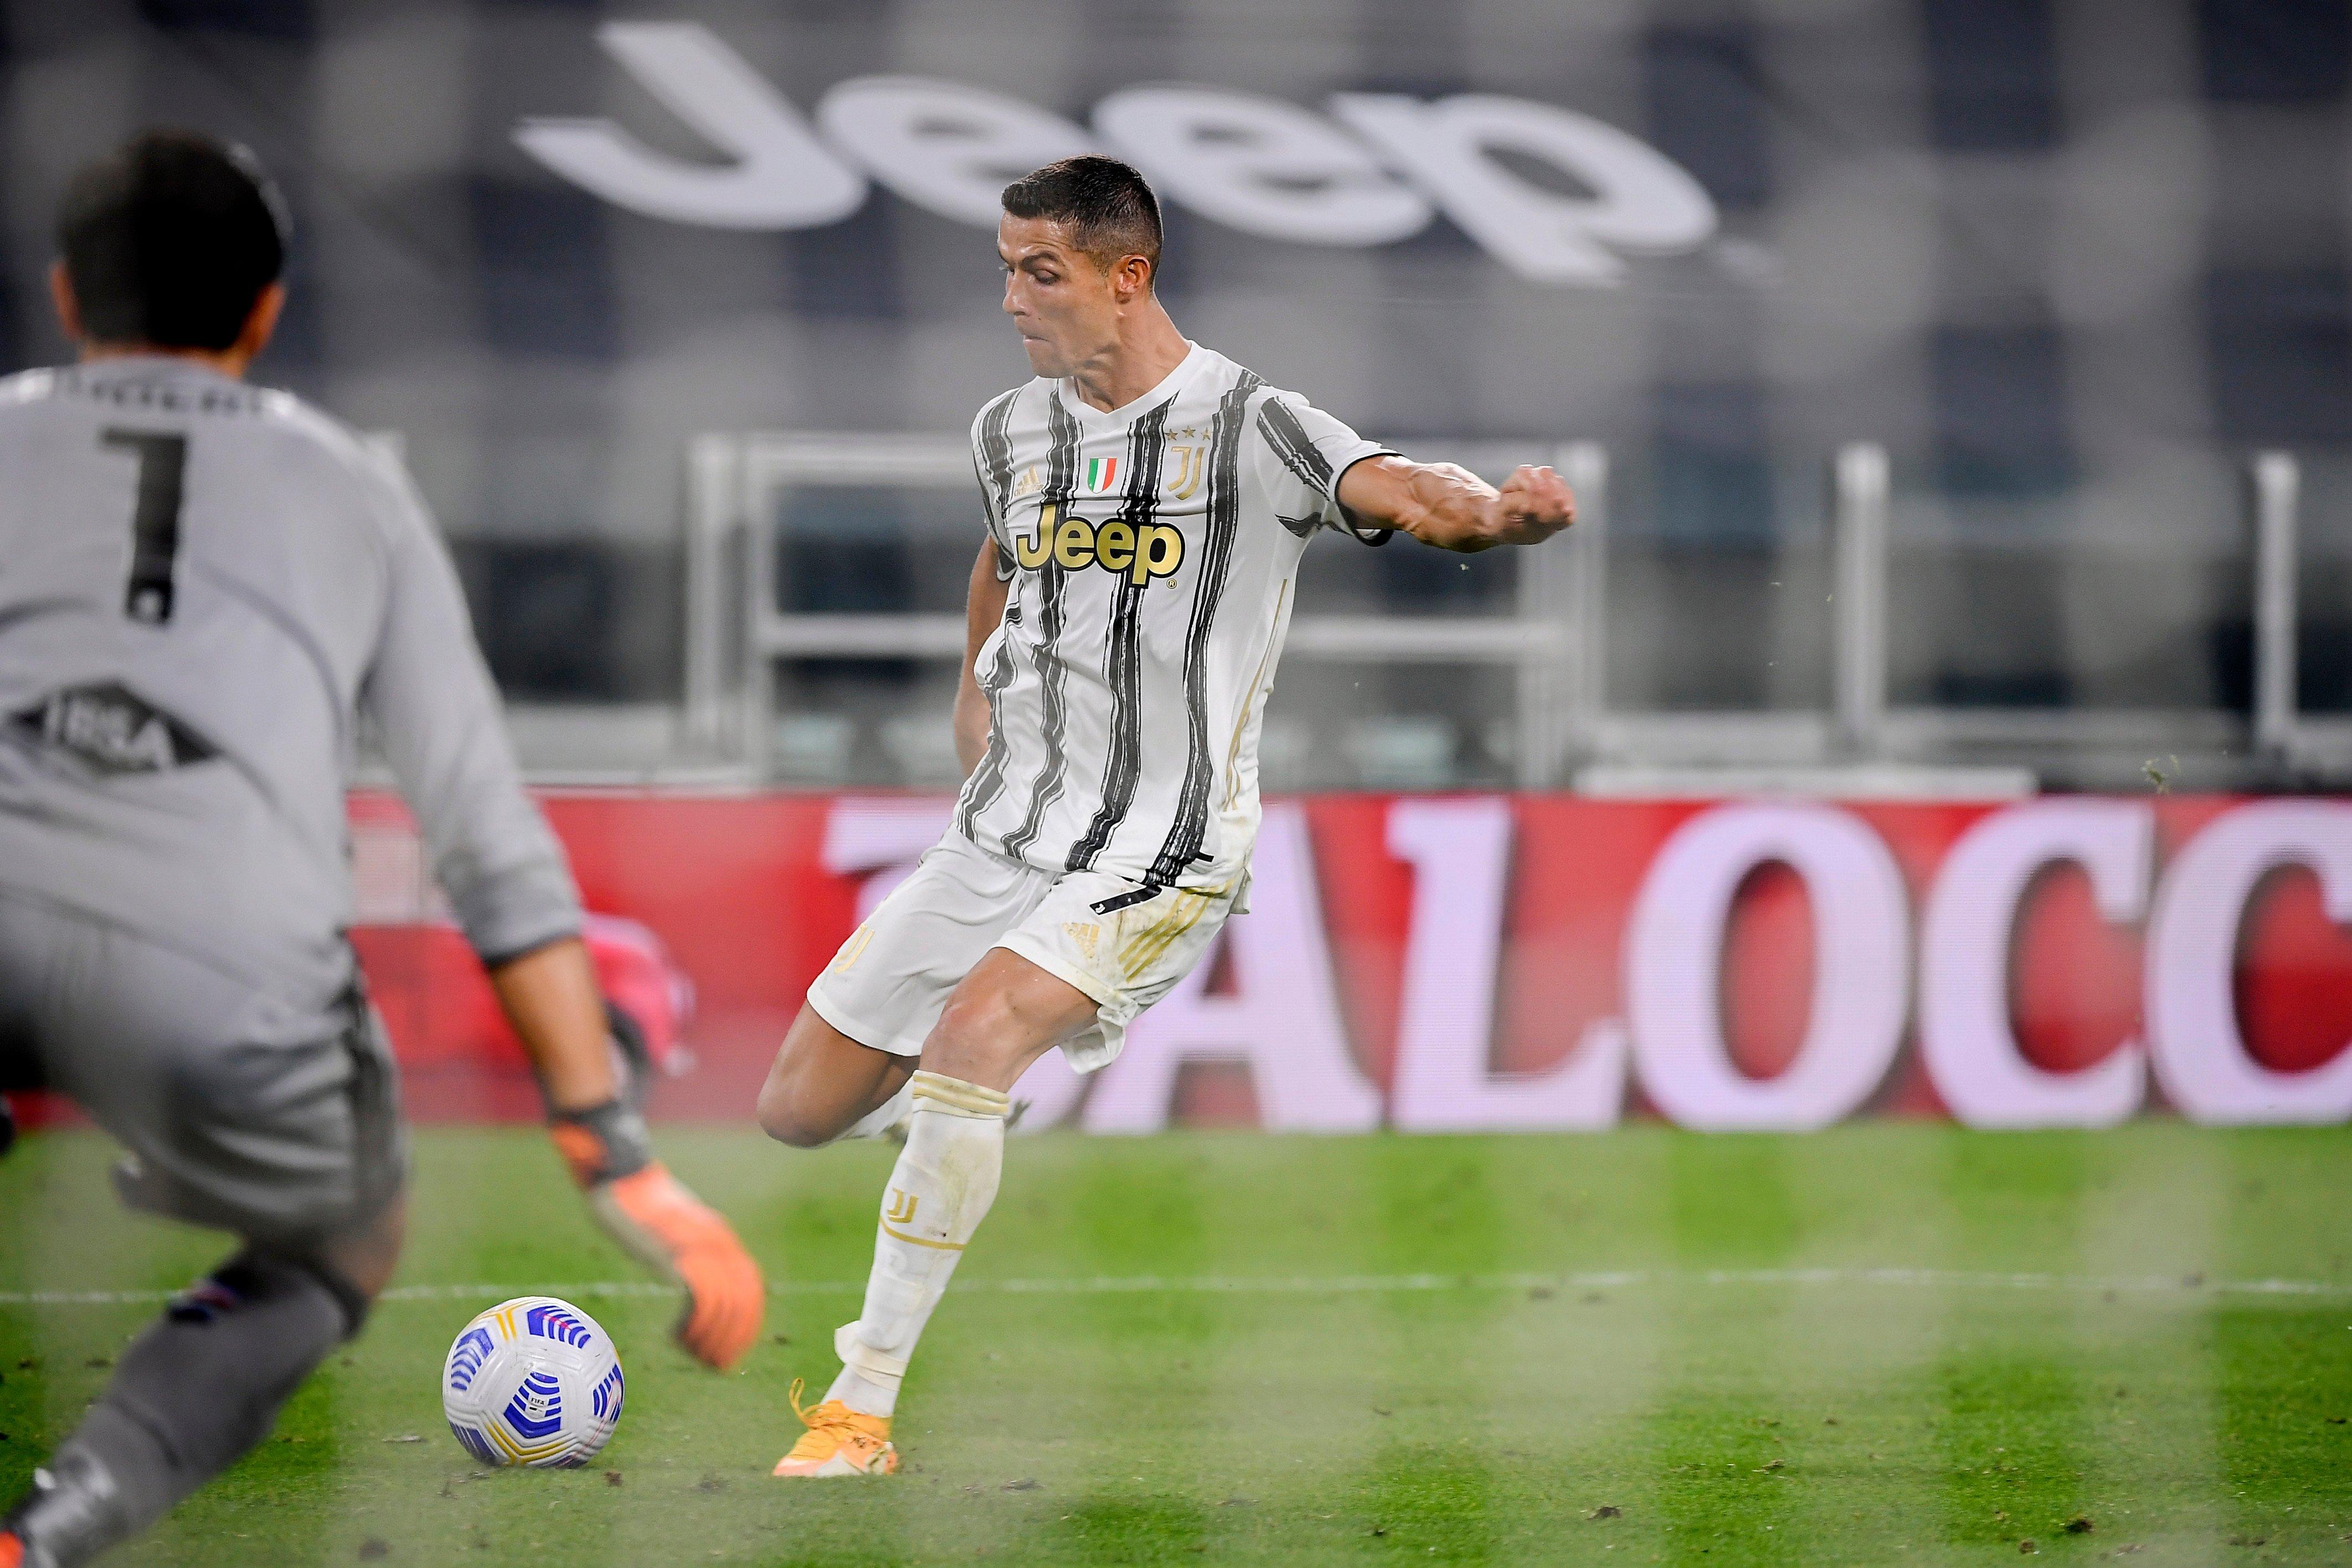 Cristiano Ronaldo scores as Juventus start Serie A season with Sampdoria success